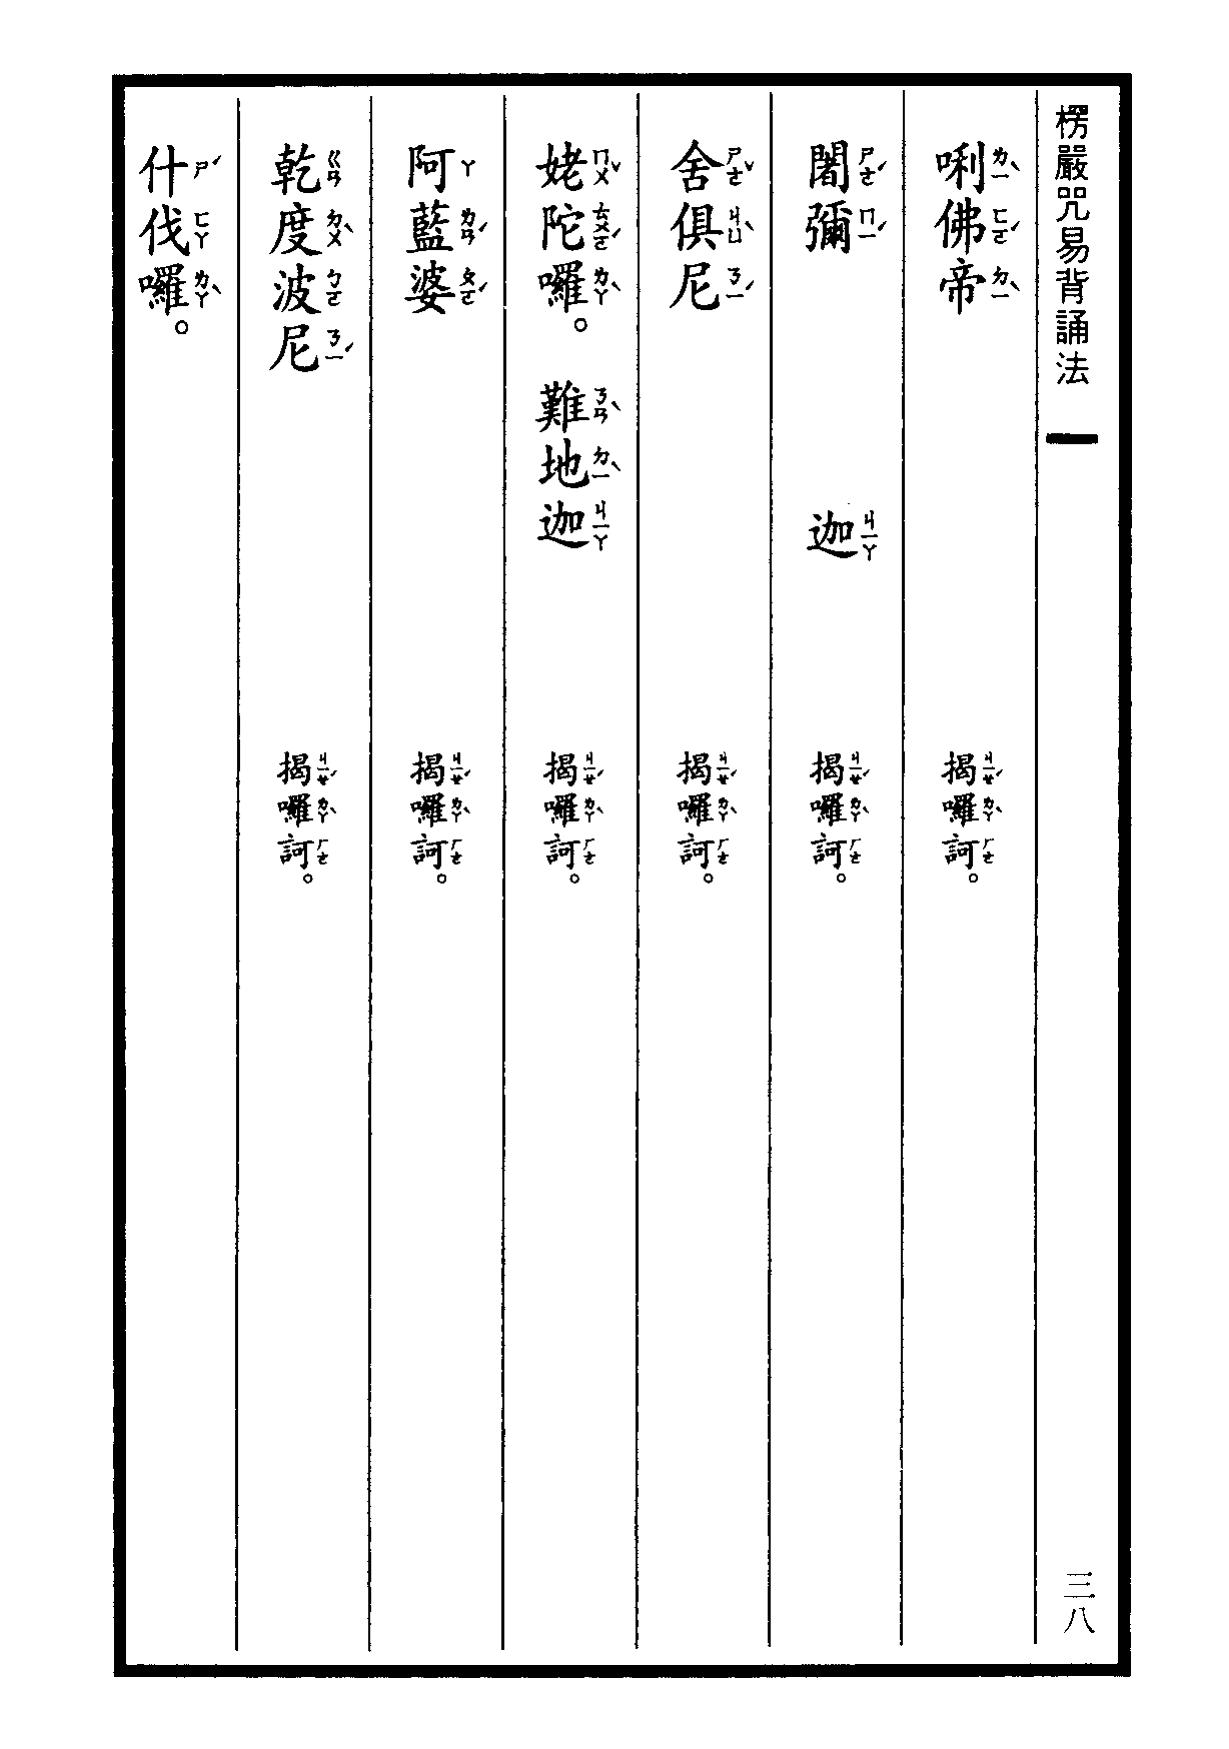 楞嚴咒-大悲咒-十小咒-易背本 44.png